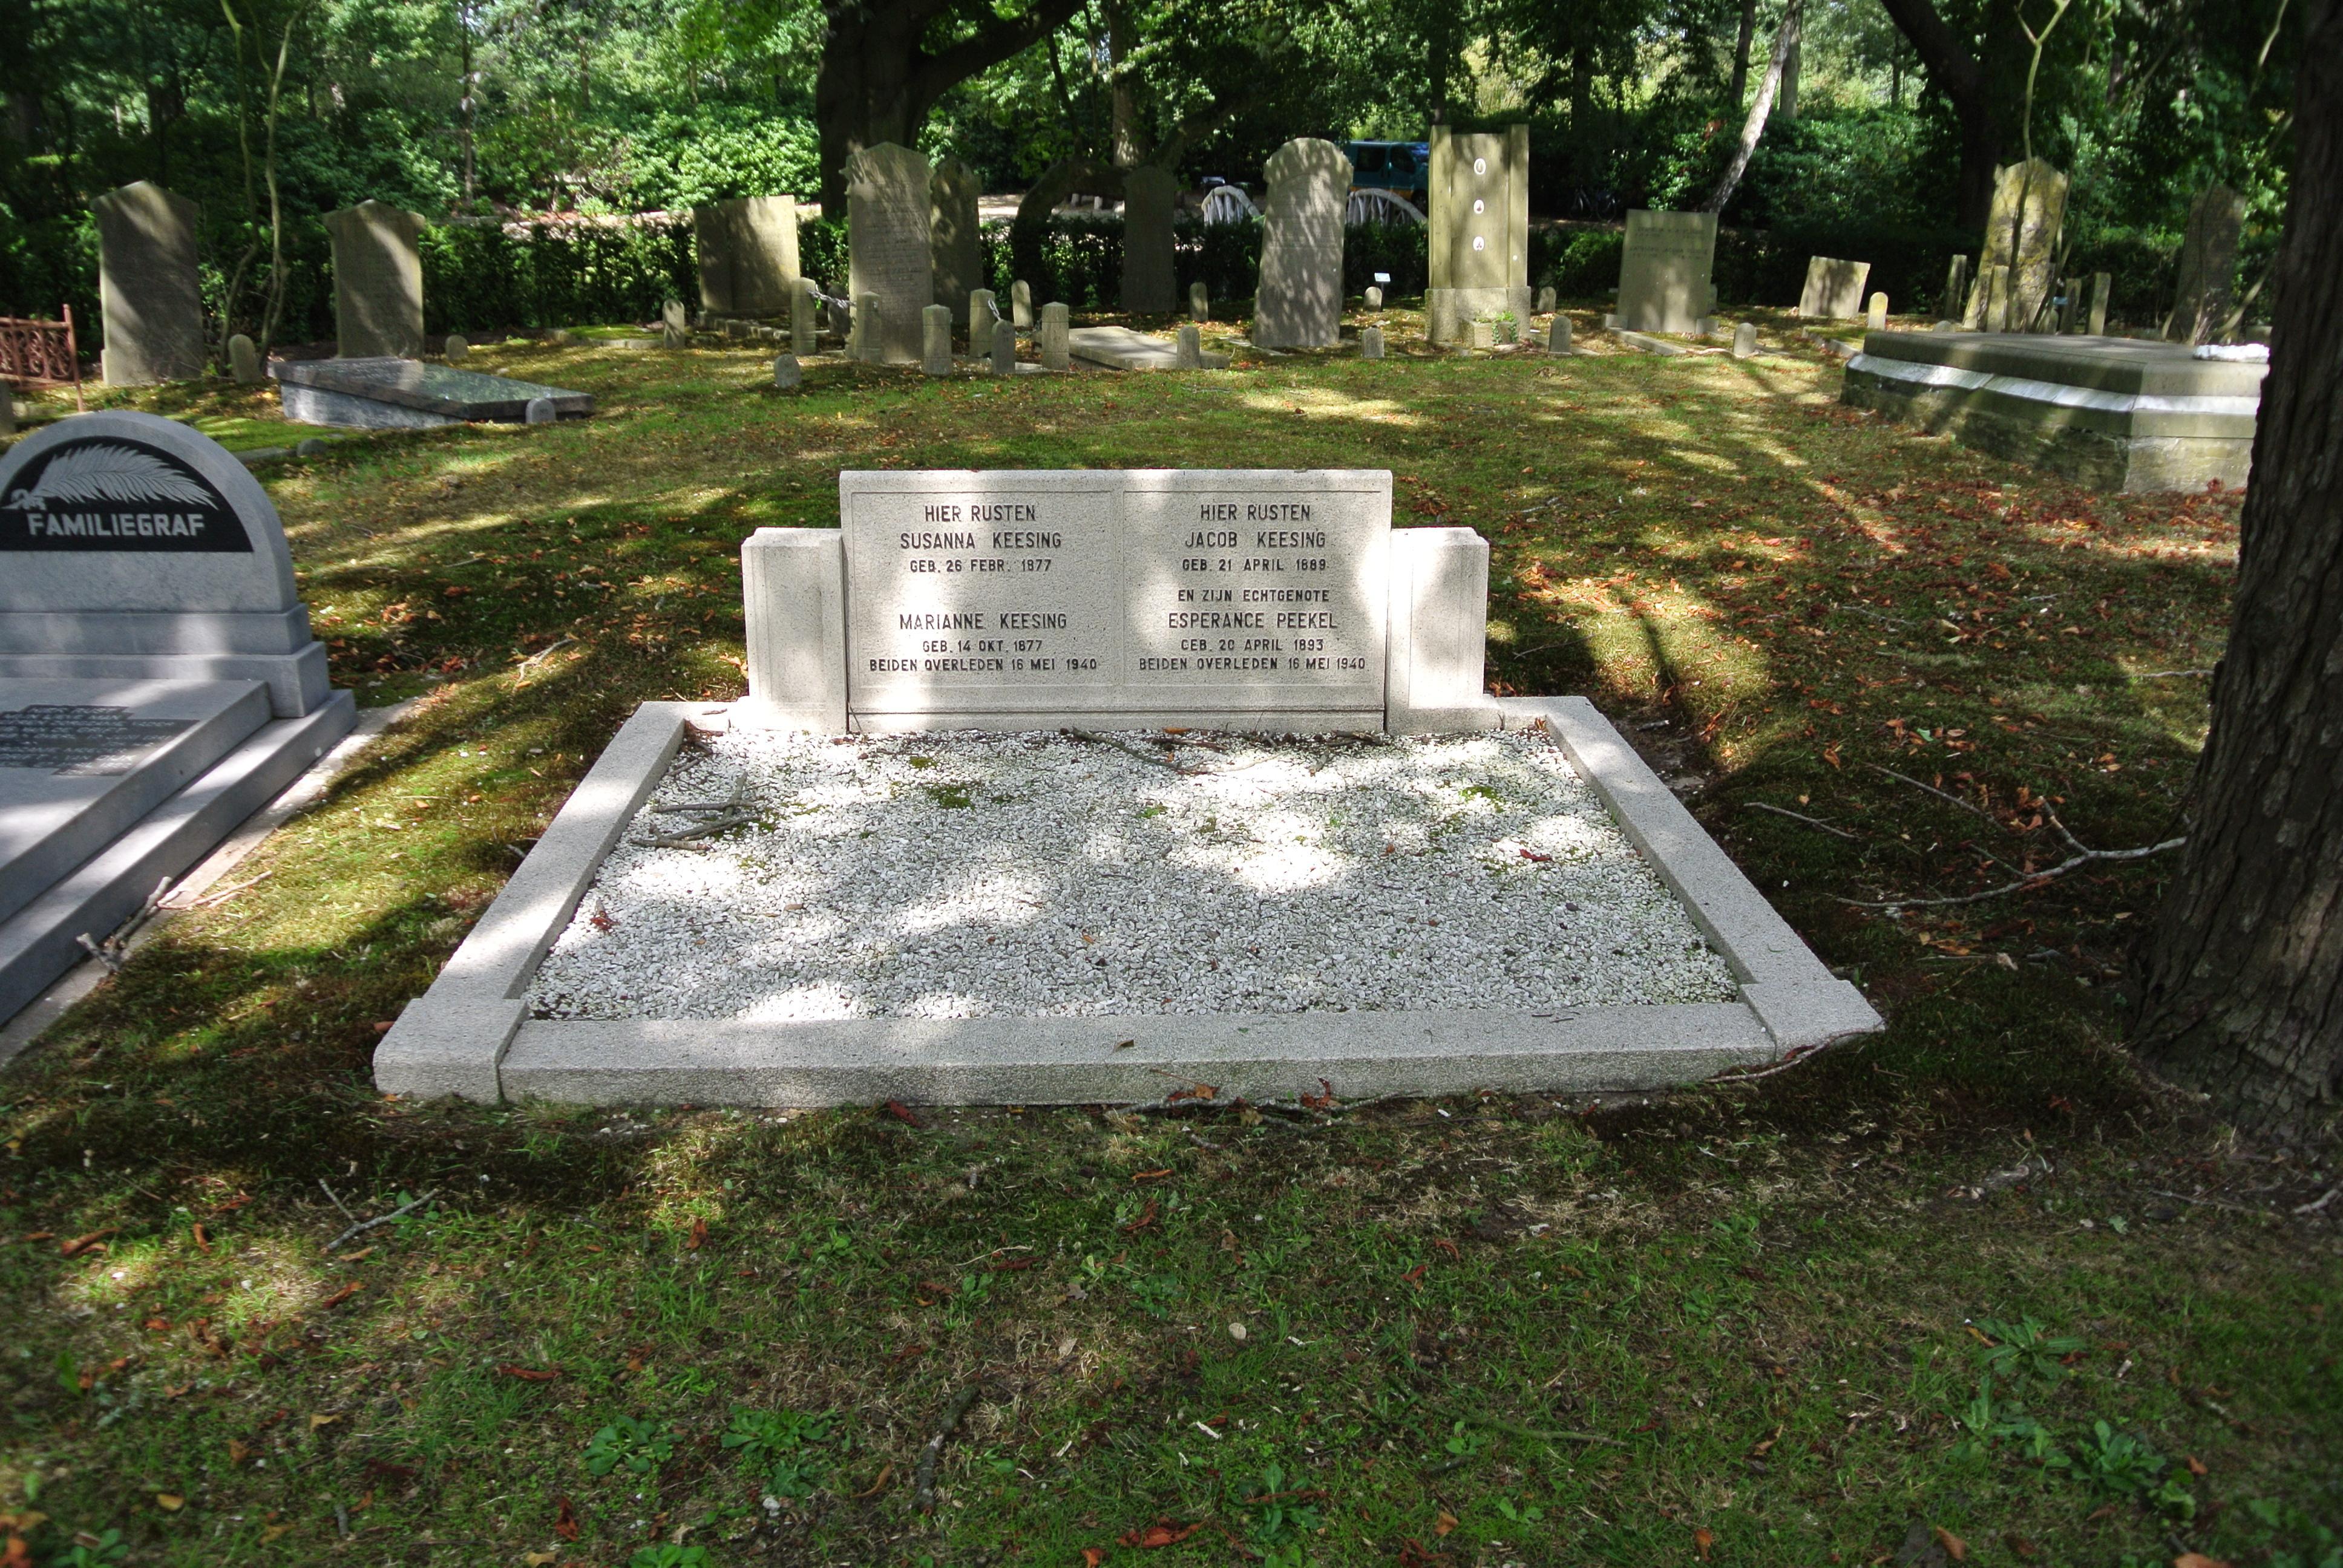 Officiële oorlogsgraven die een beetje 'vergeten' zijn: de Joodse familie Keesing, Willem Schol en Hendrik Wybes de Vries